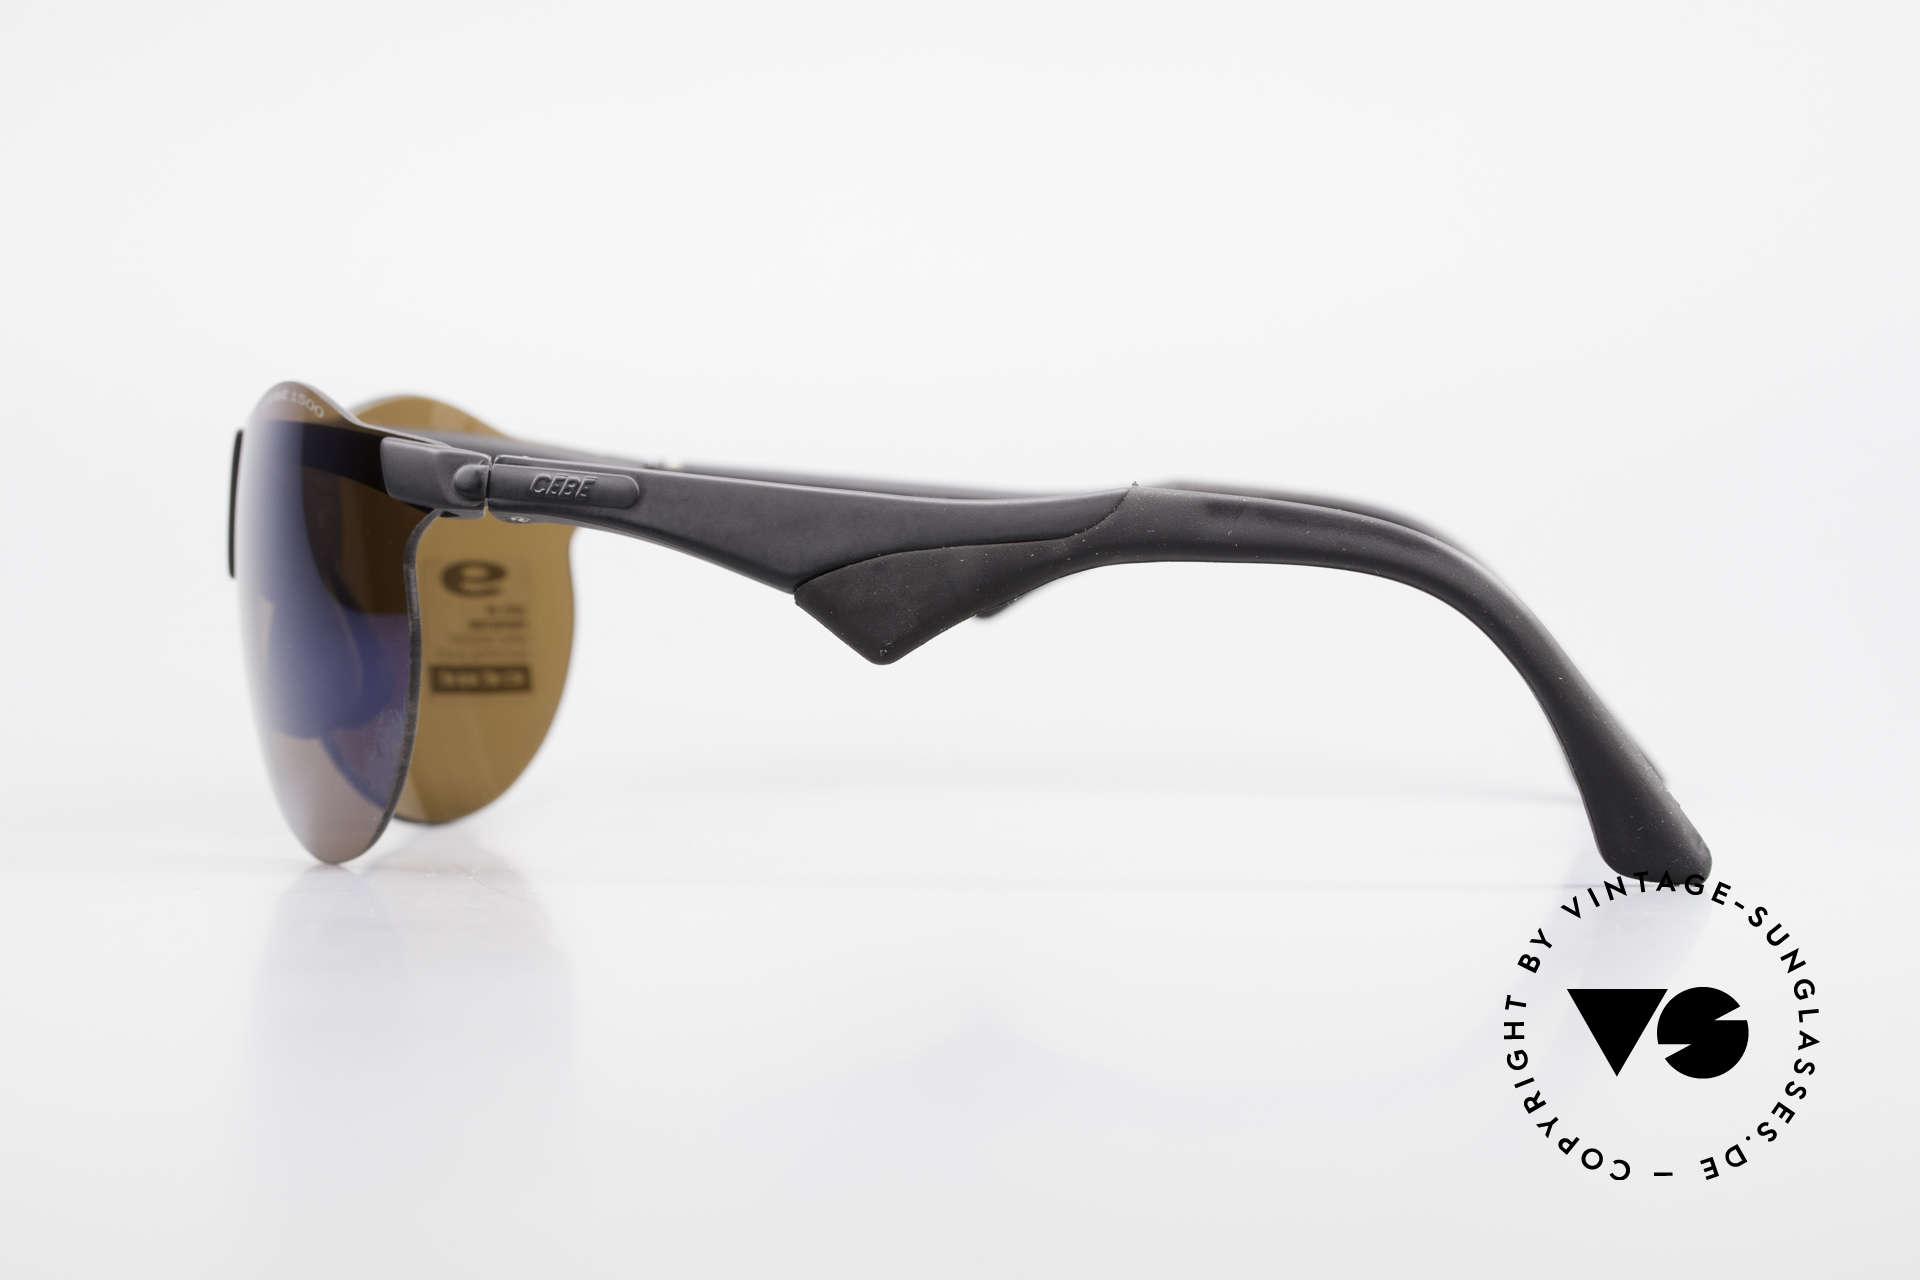 Cebe 1943 Alte Rennfahrer Sonnenbrille, mit Impact-Sonnengläsern (optische Spitzenqualität), Passend für Herren und Damen